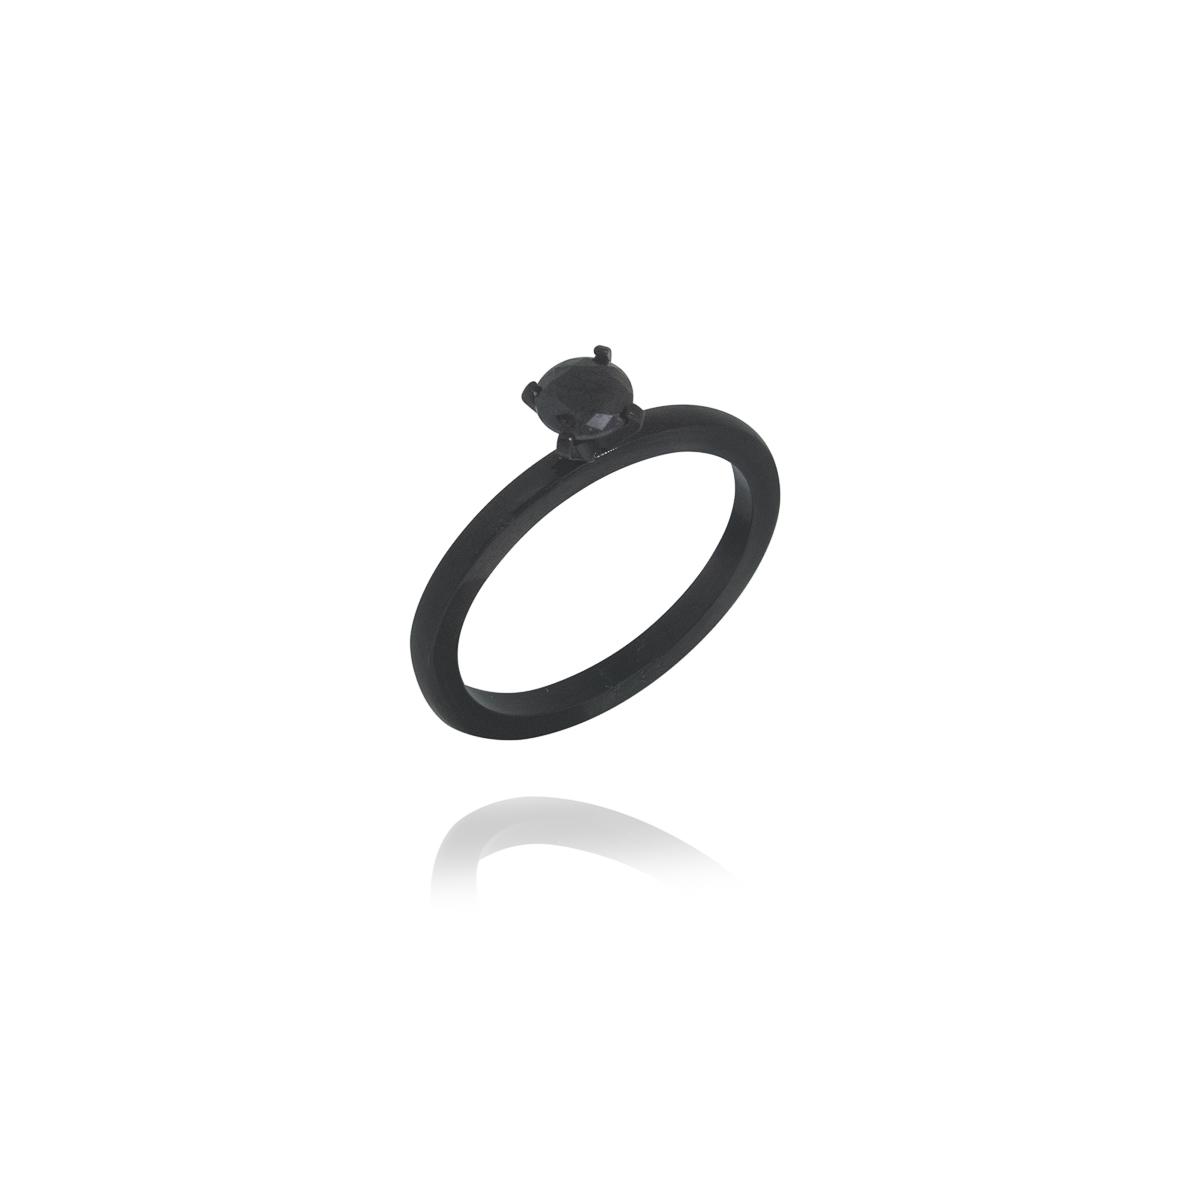 Anel solitário aço inox Black zircônia resistente e durável